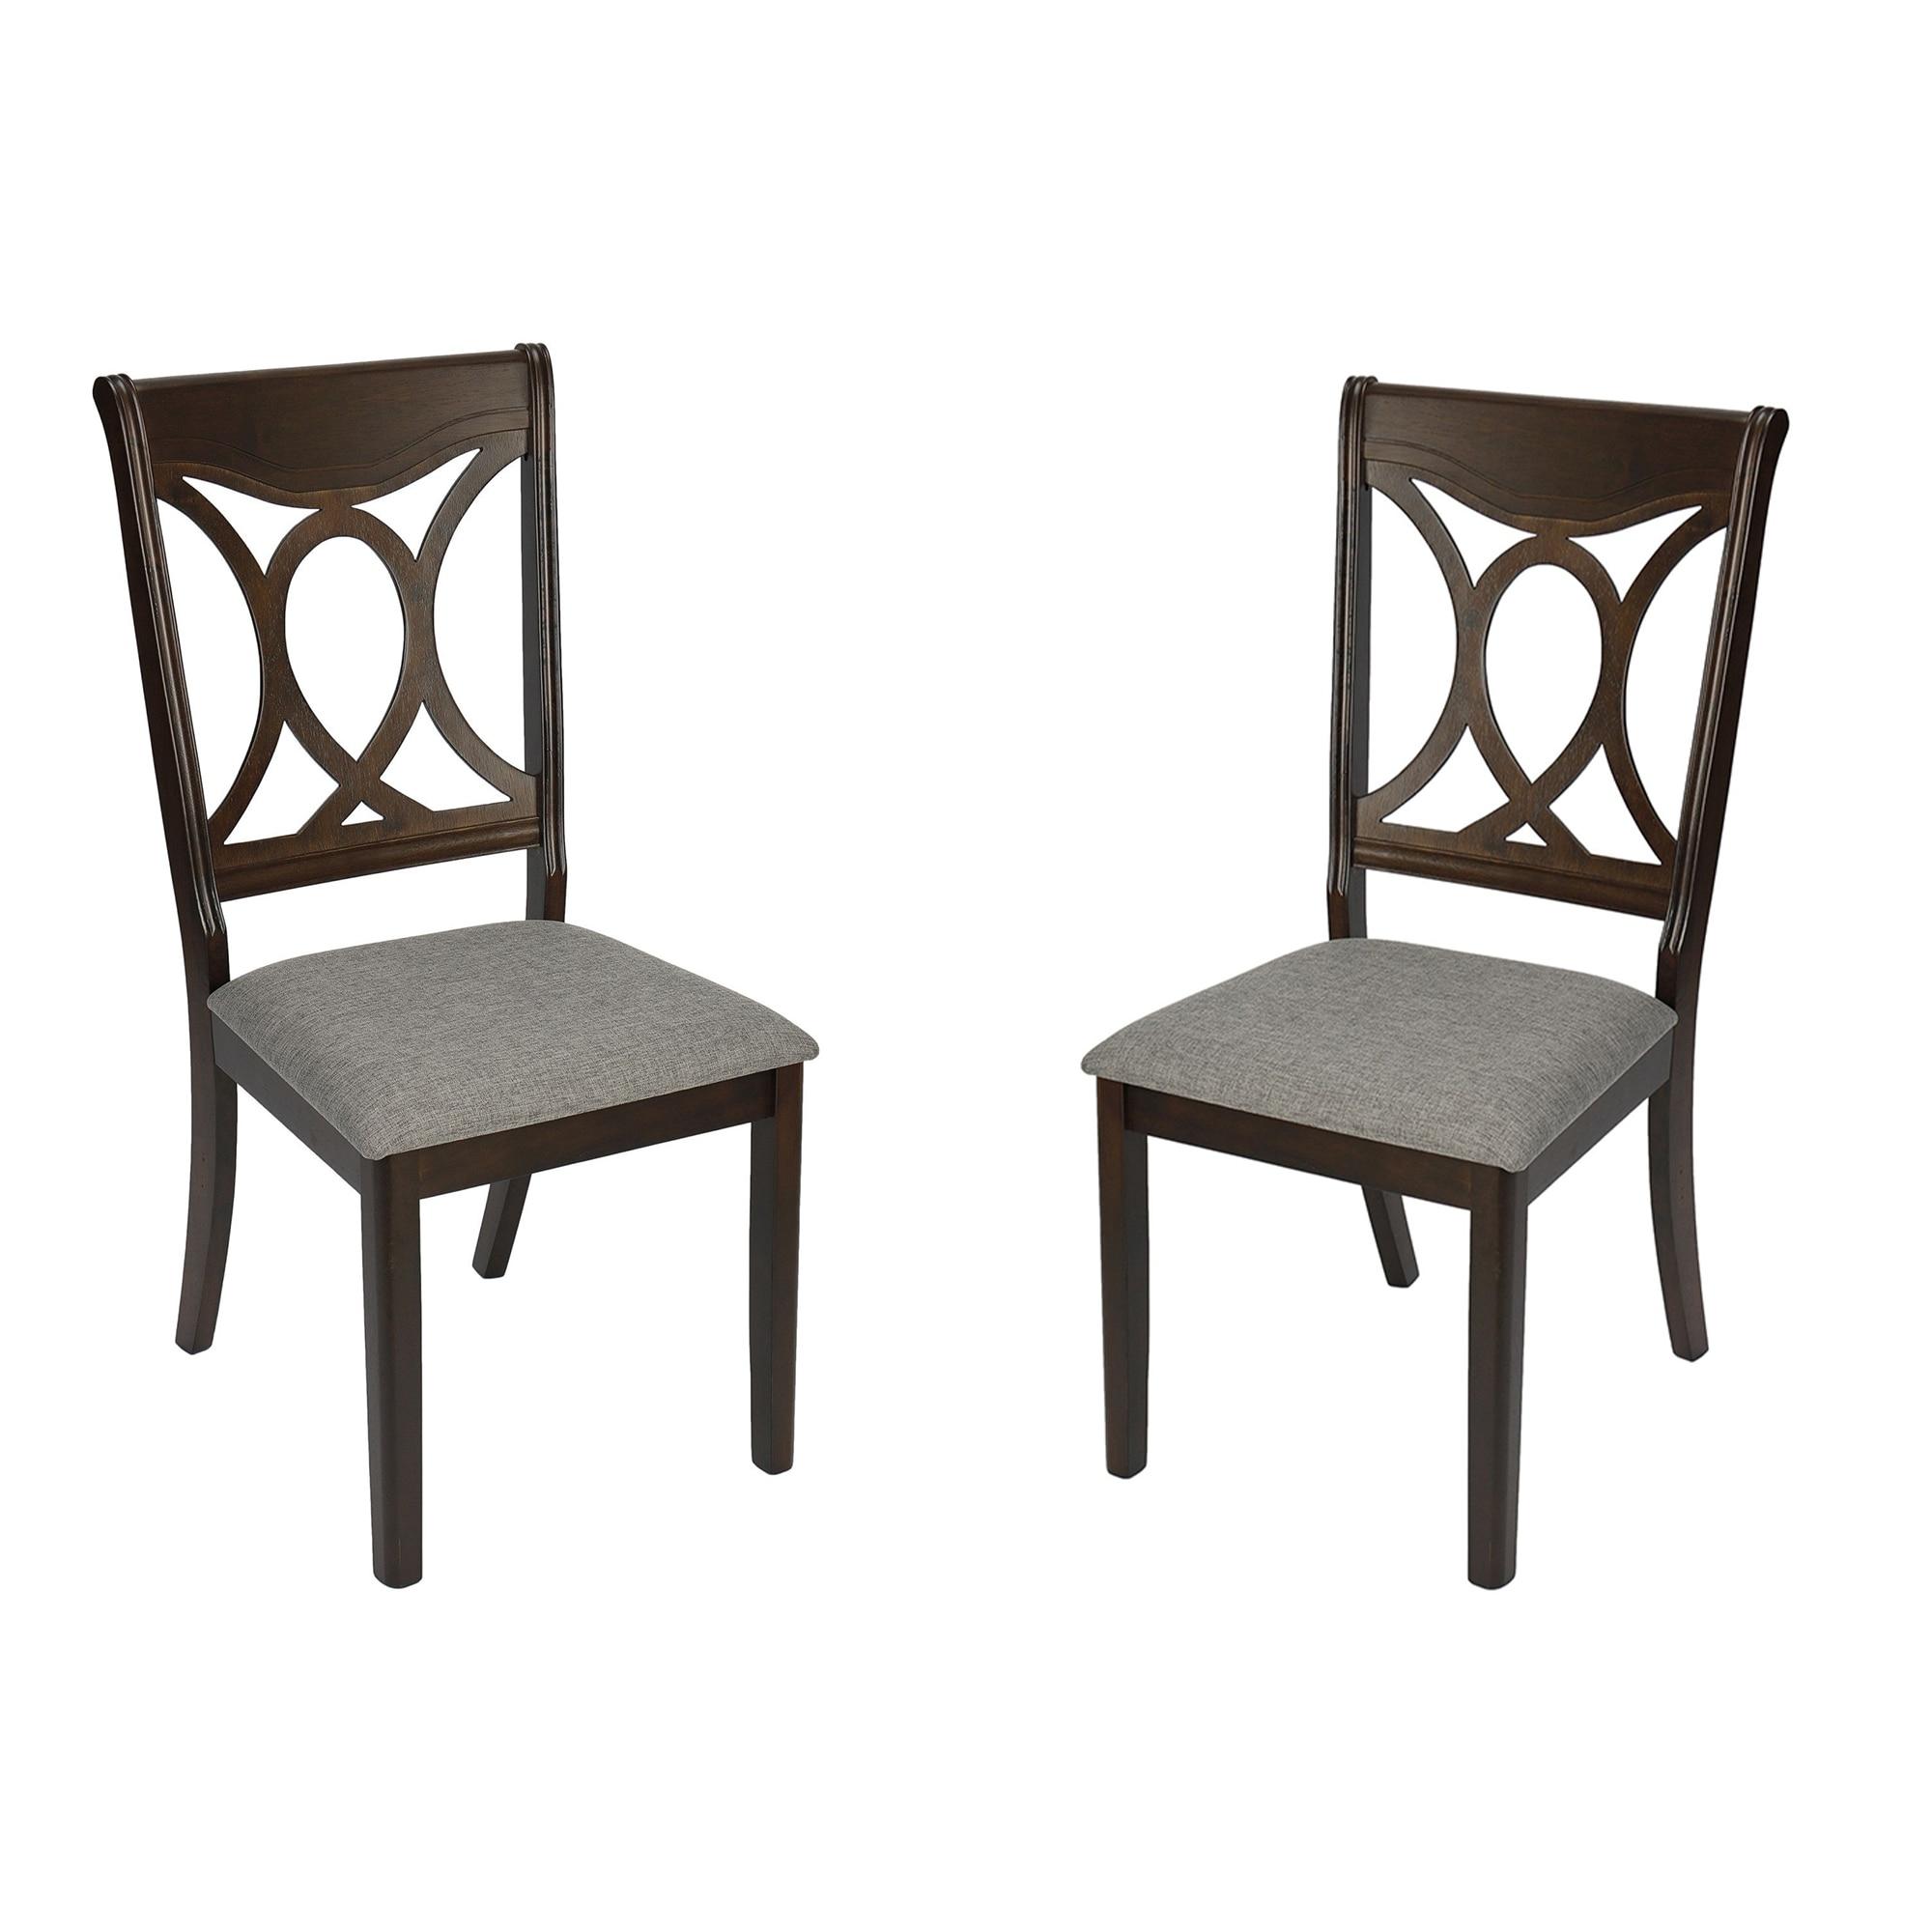 Fotografie Set 2 scaune tapitate bucatarie / dining Kring Louise, lemn masiv, Wenge